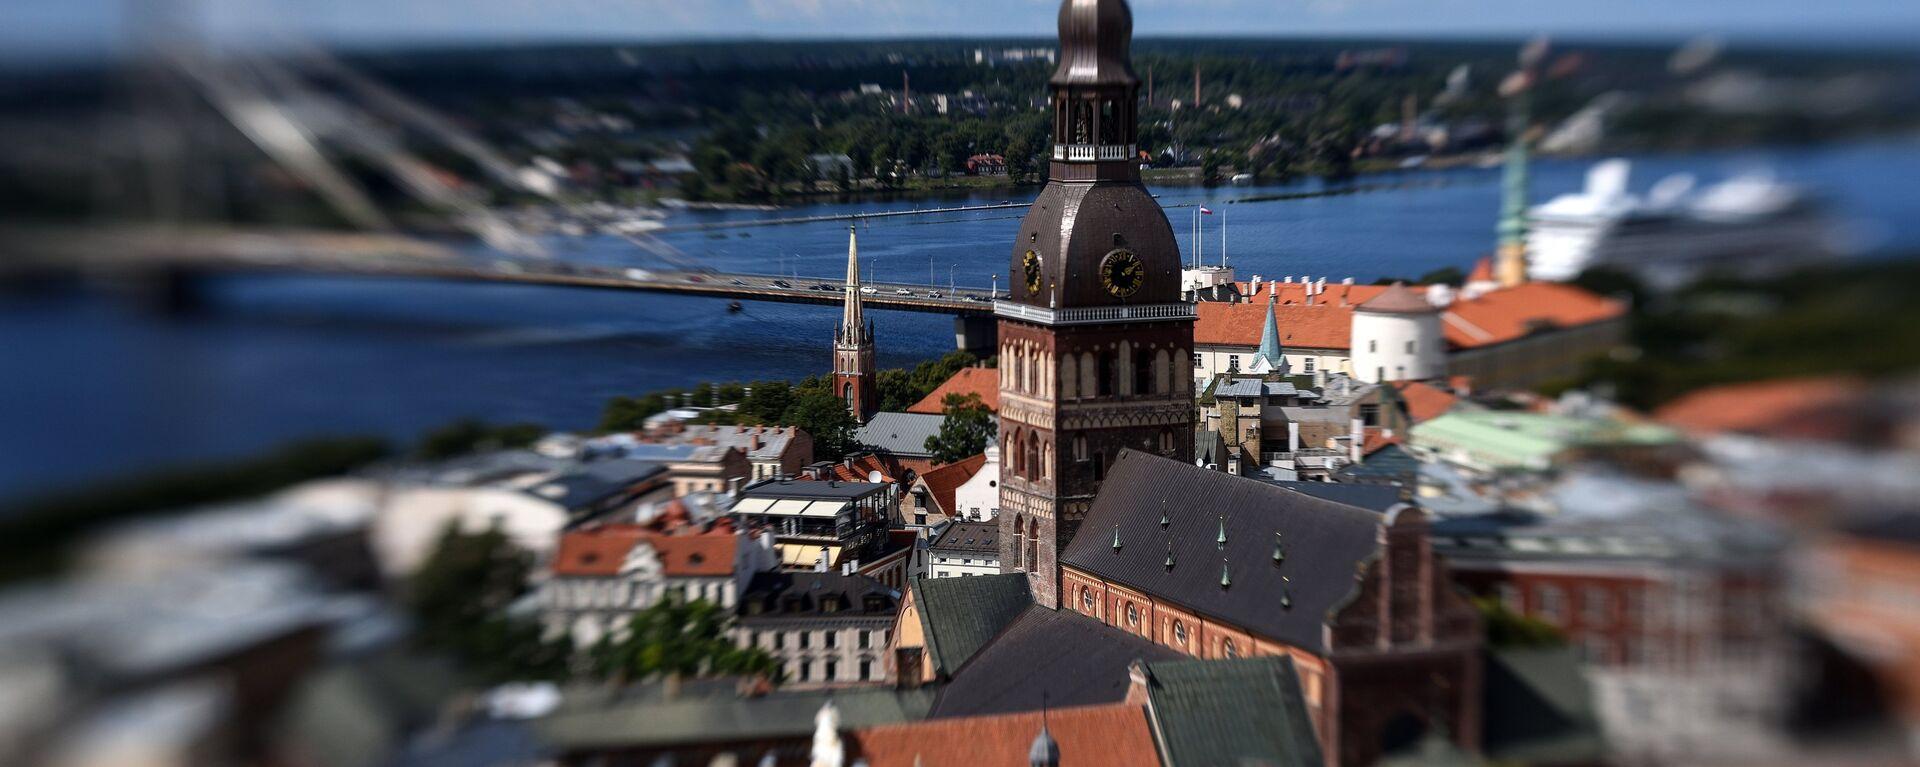 Колокольня Домского кафедрального собора в Риге в Латвии - Sputnik Latvija, 1920, 13.10.2019